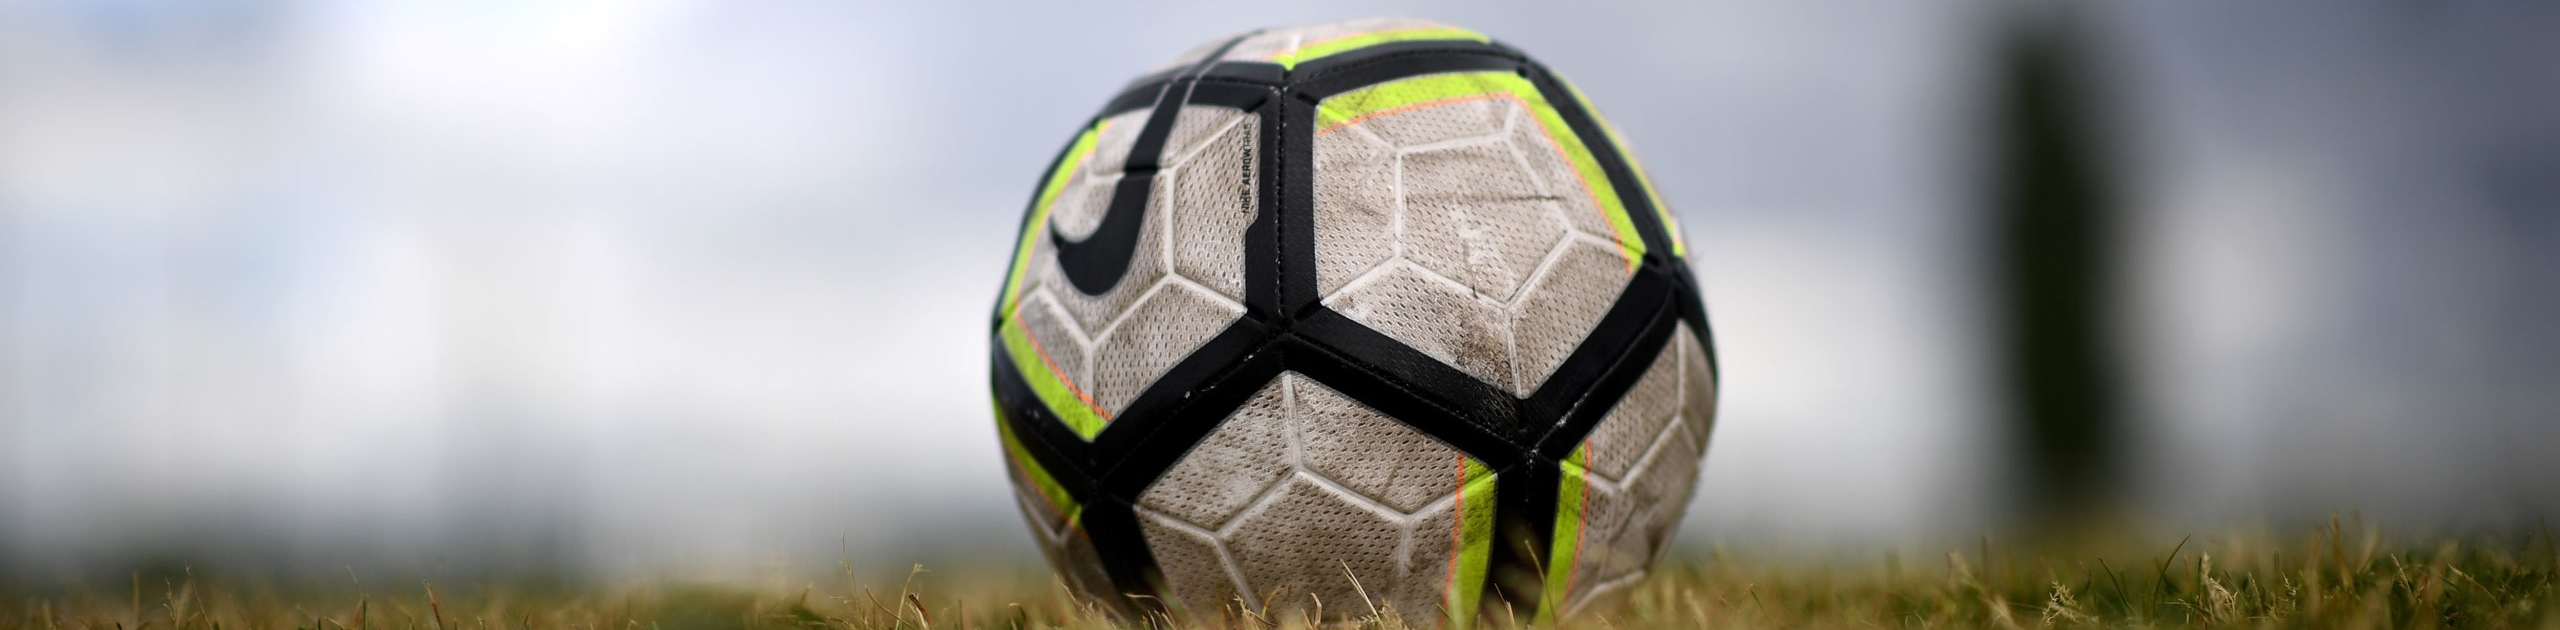 Il campionato di calcio delle Far Oer al via: come funziona la Meistaradeildin